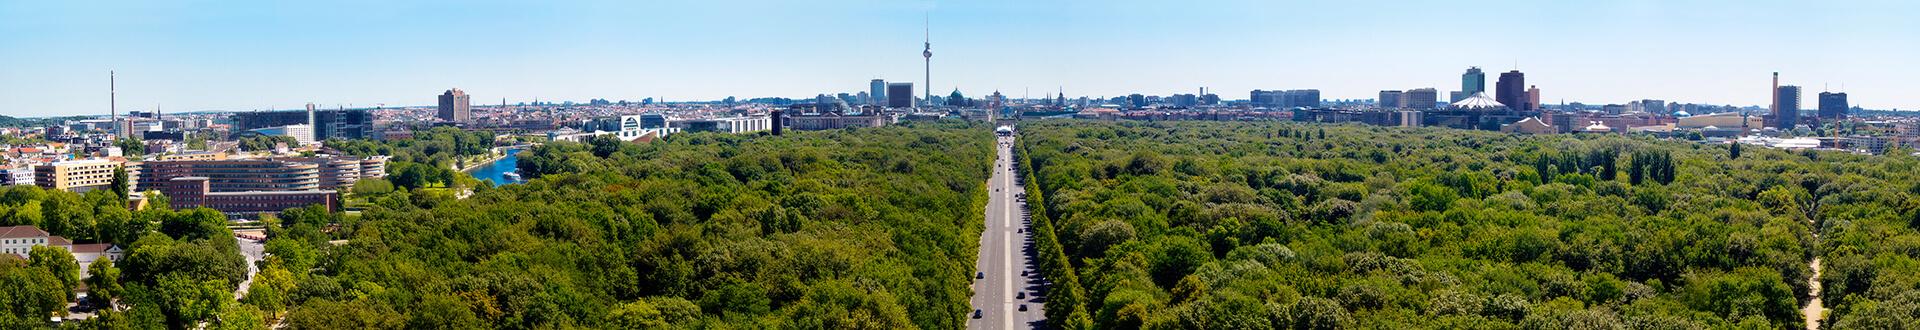 Reinigungsfirma Berlin - Ihr professioneller Reinigungsservice/ Reinigungsdienst in Berlin und Brandenburg